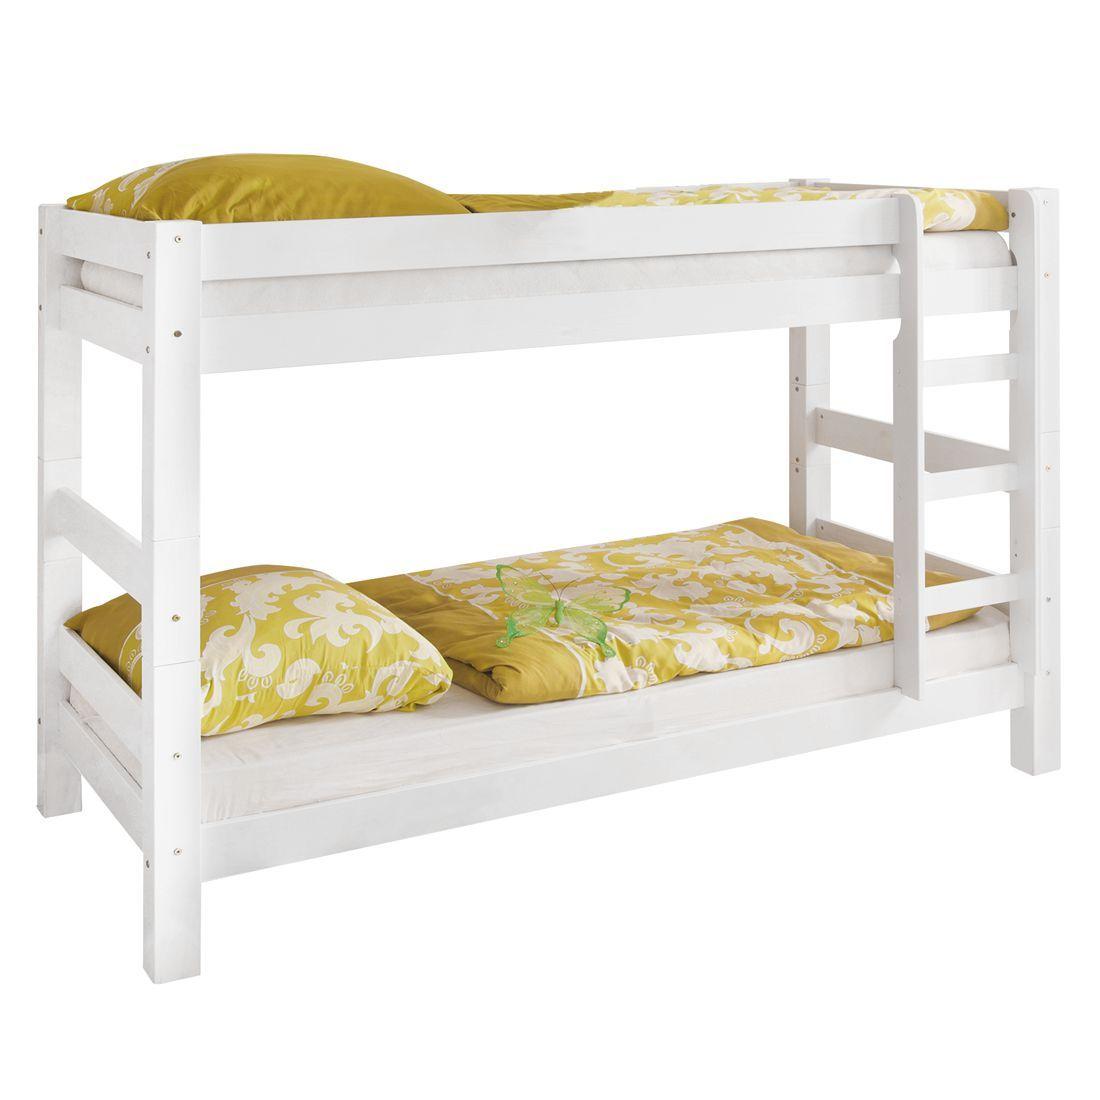 Kinderzimmer ohne bett etagenbett jan  kiefer massiv  weiß ticaa jetzt bestellen unter